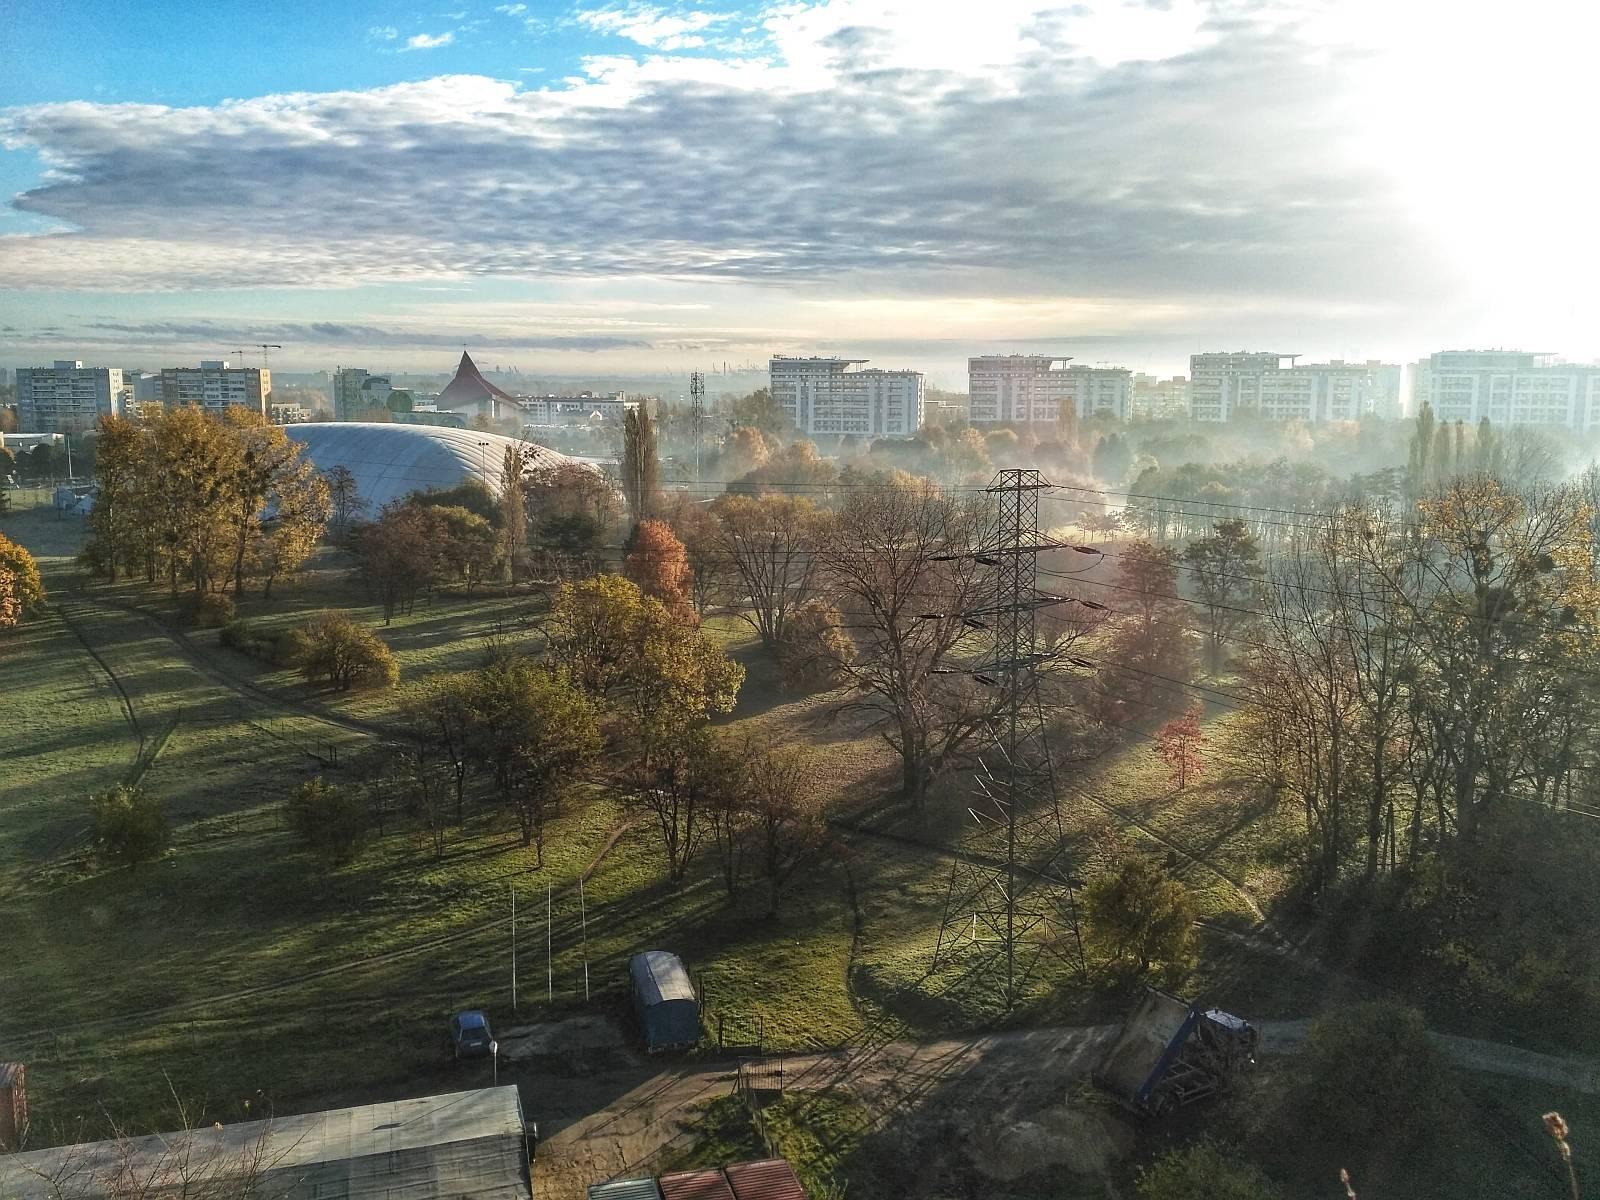 Widok na Park Jana Pawła II w Gdańsku